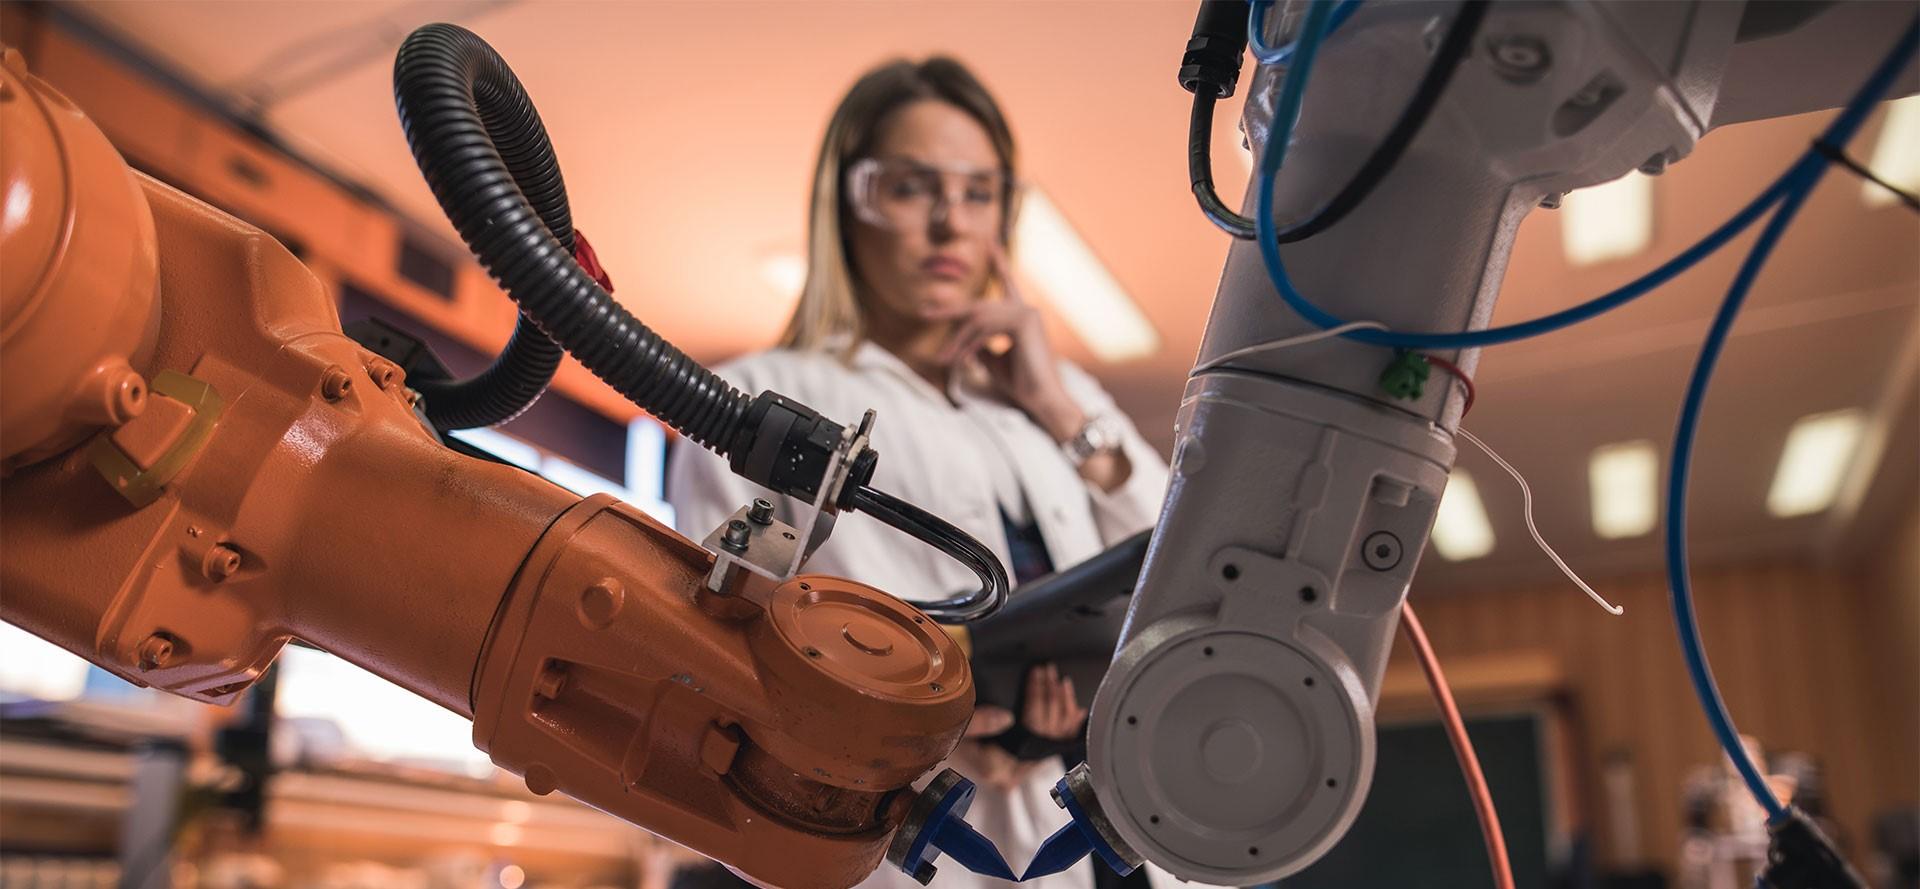 robots-cobots-robotics